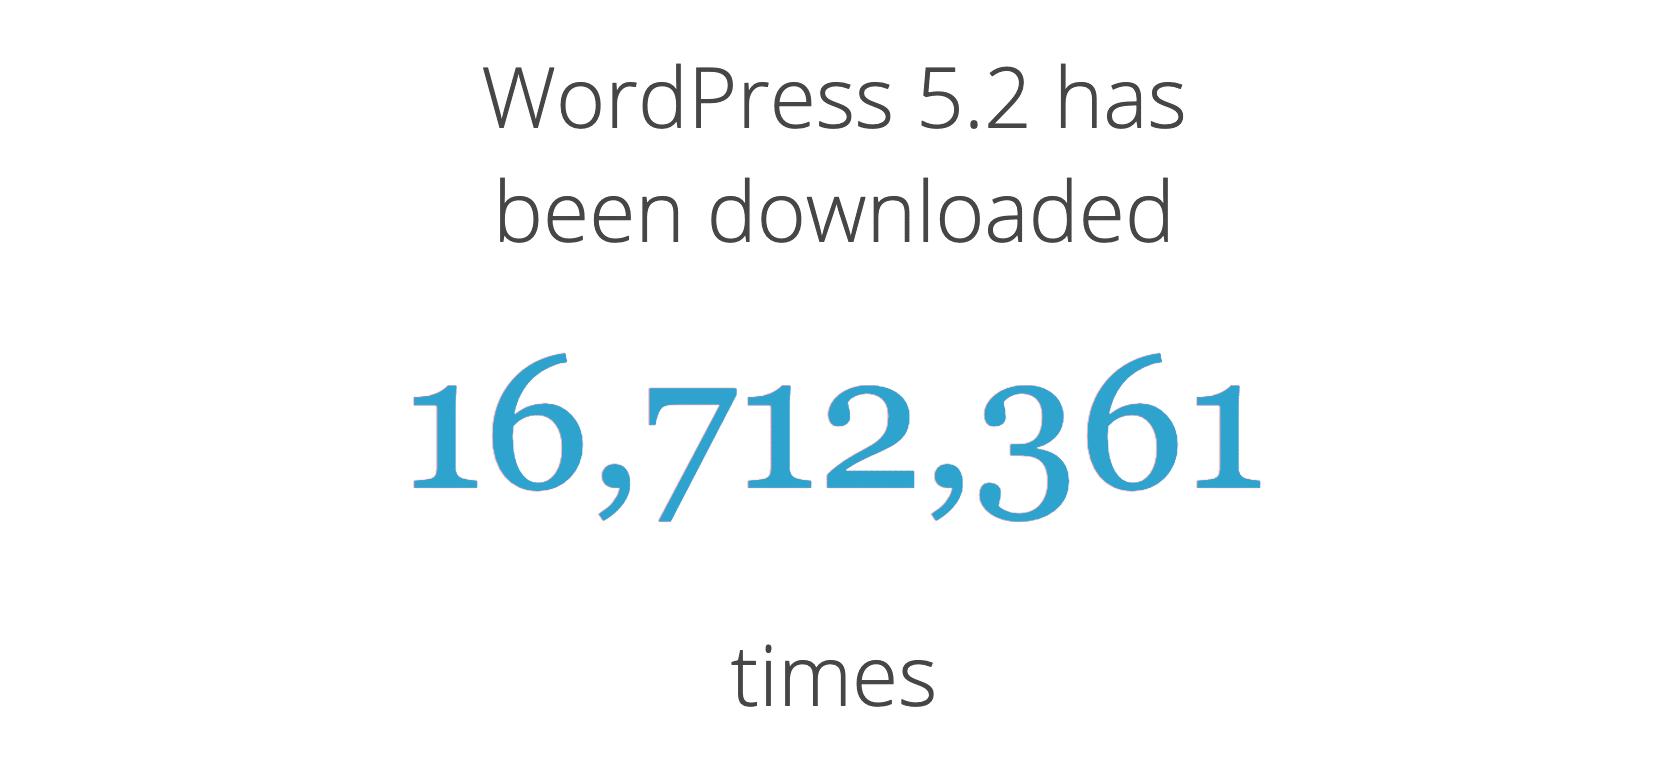 WordPress 5.2 download count